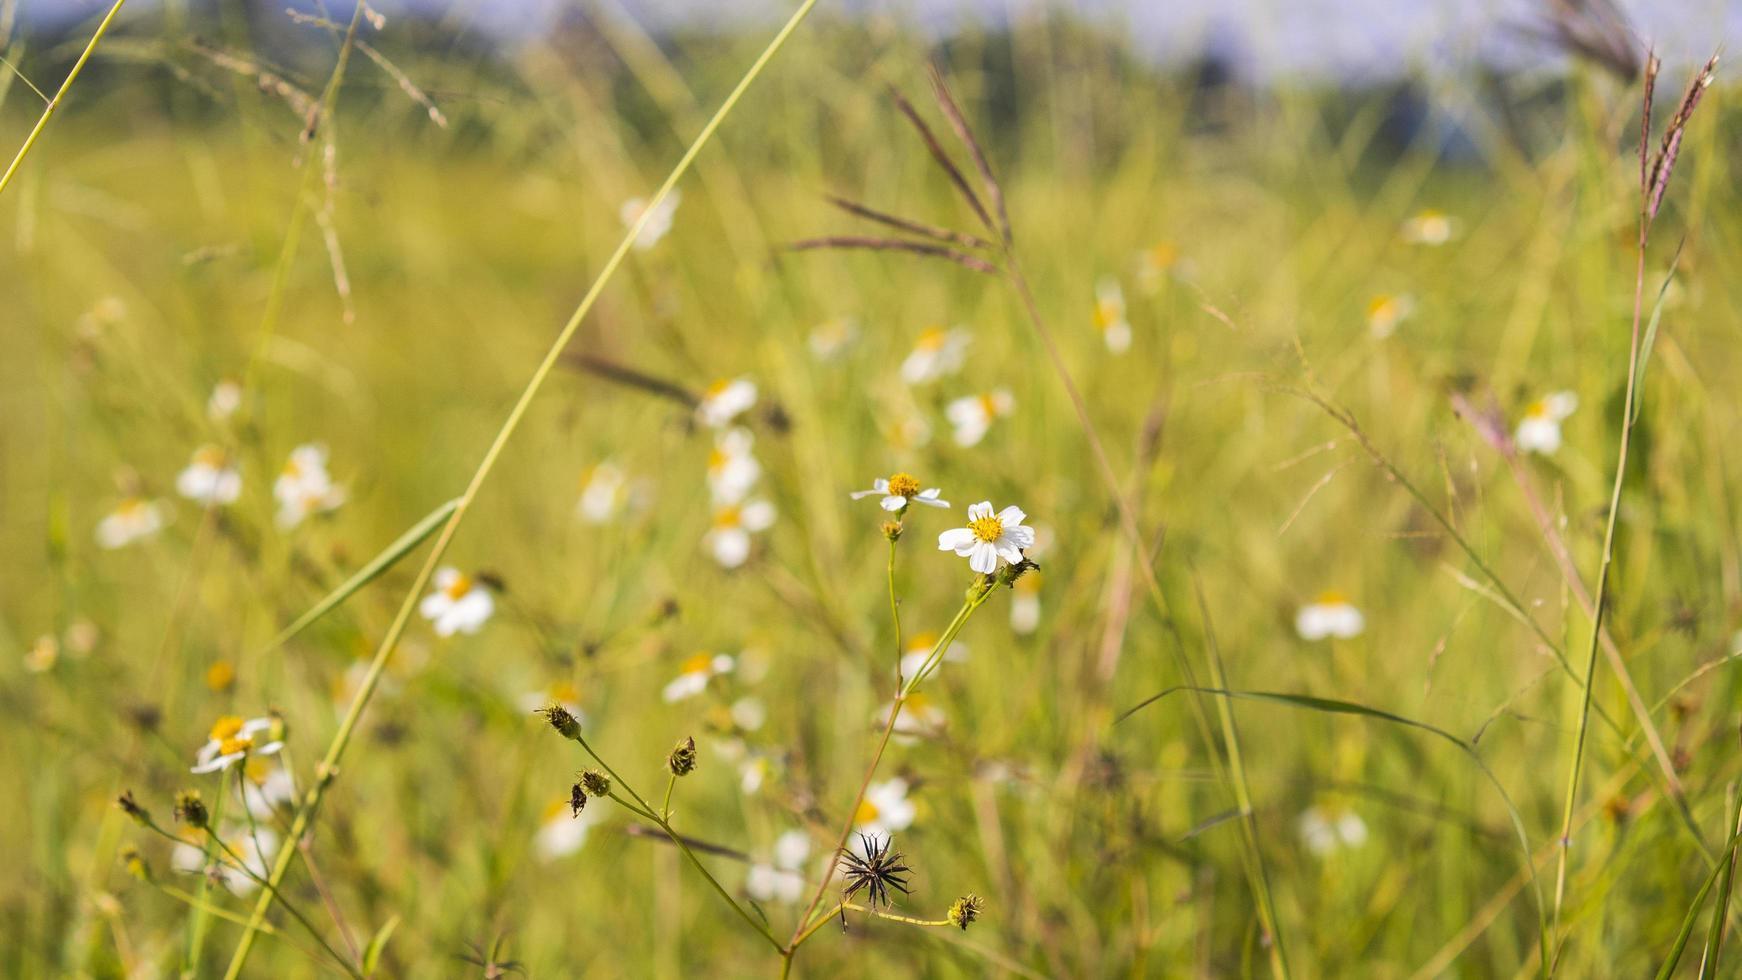 Gros plan d'herbe sauvage avec fond de champ jaune récolte photo